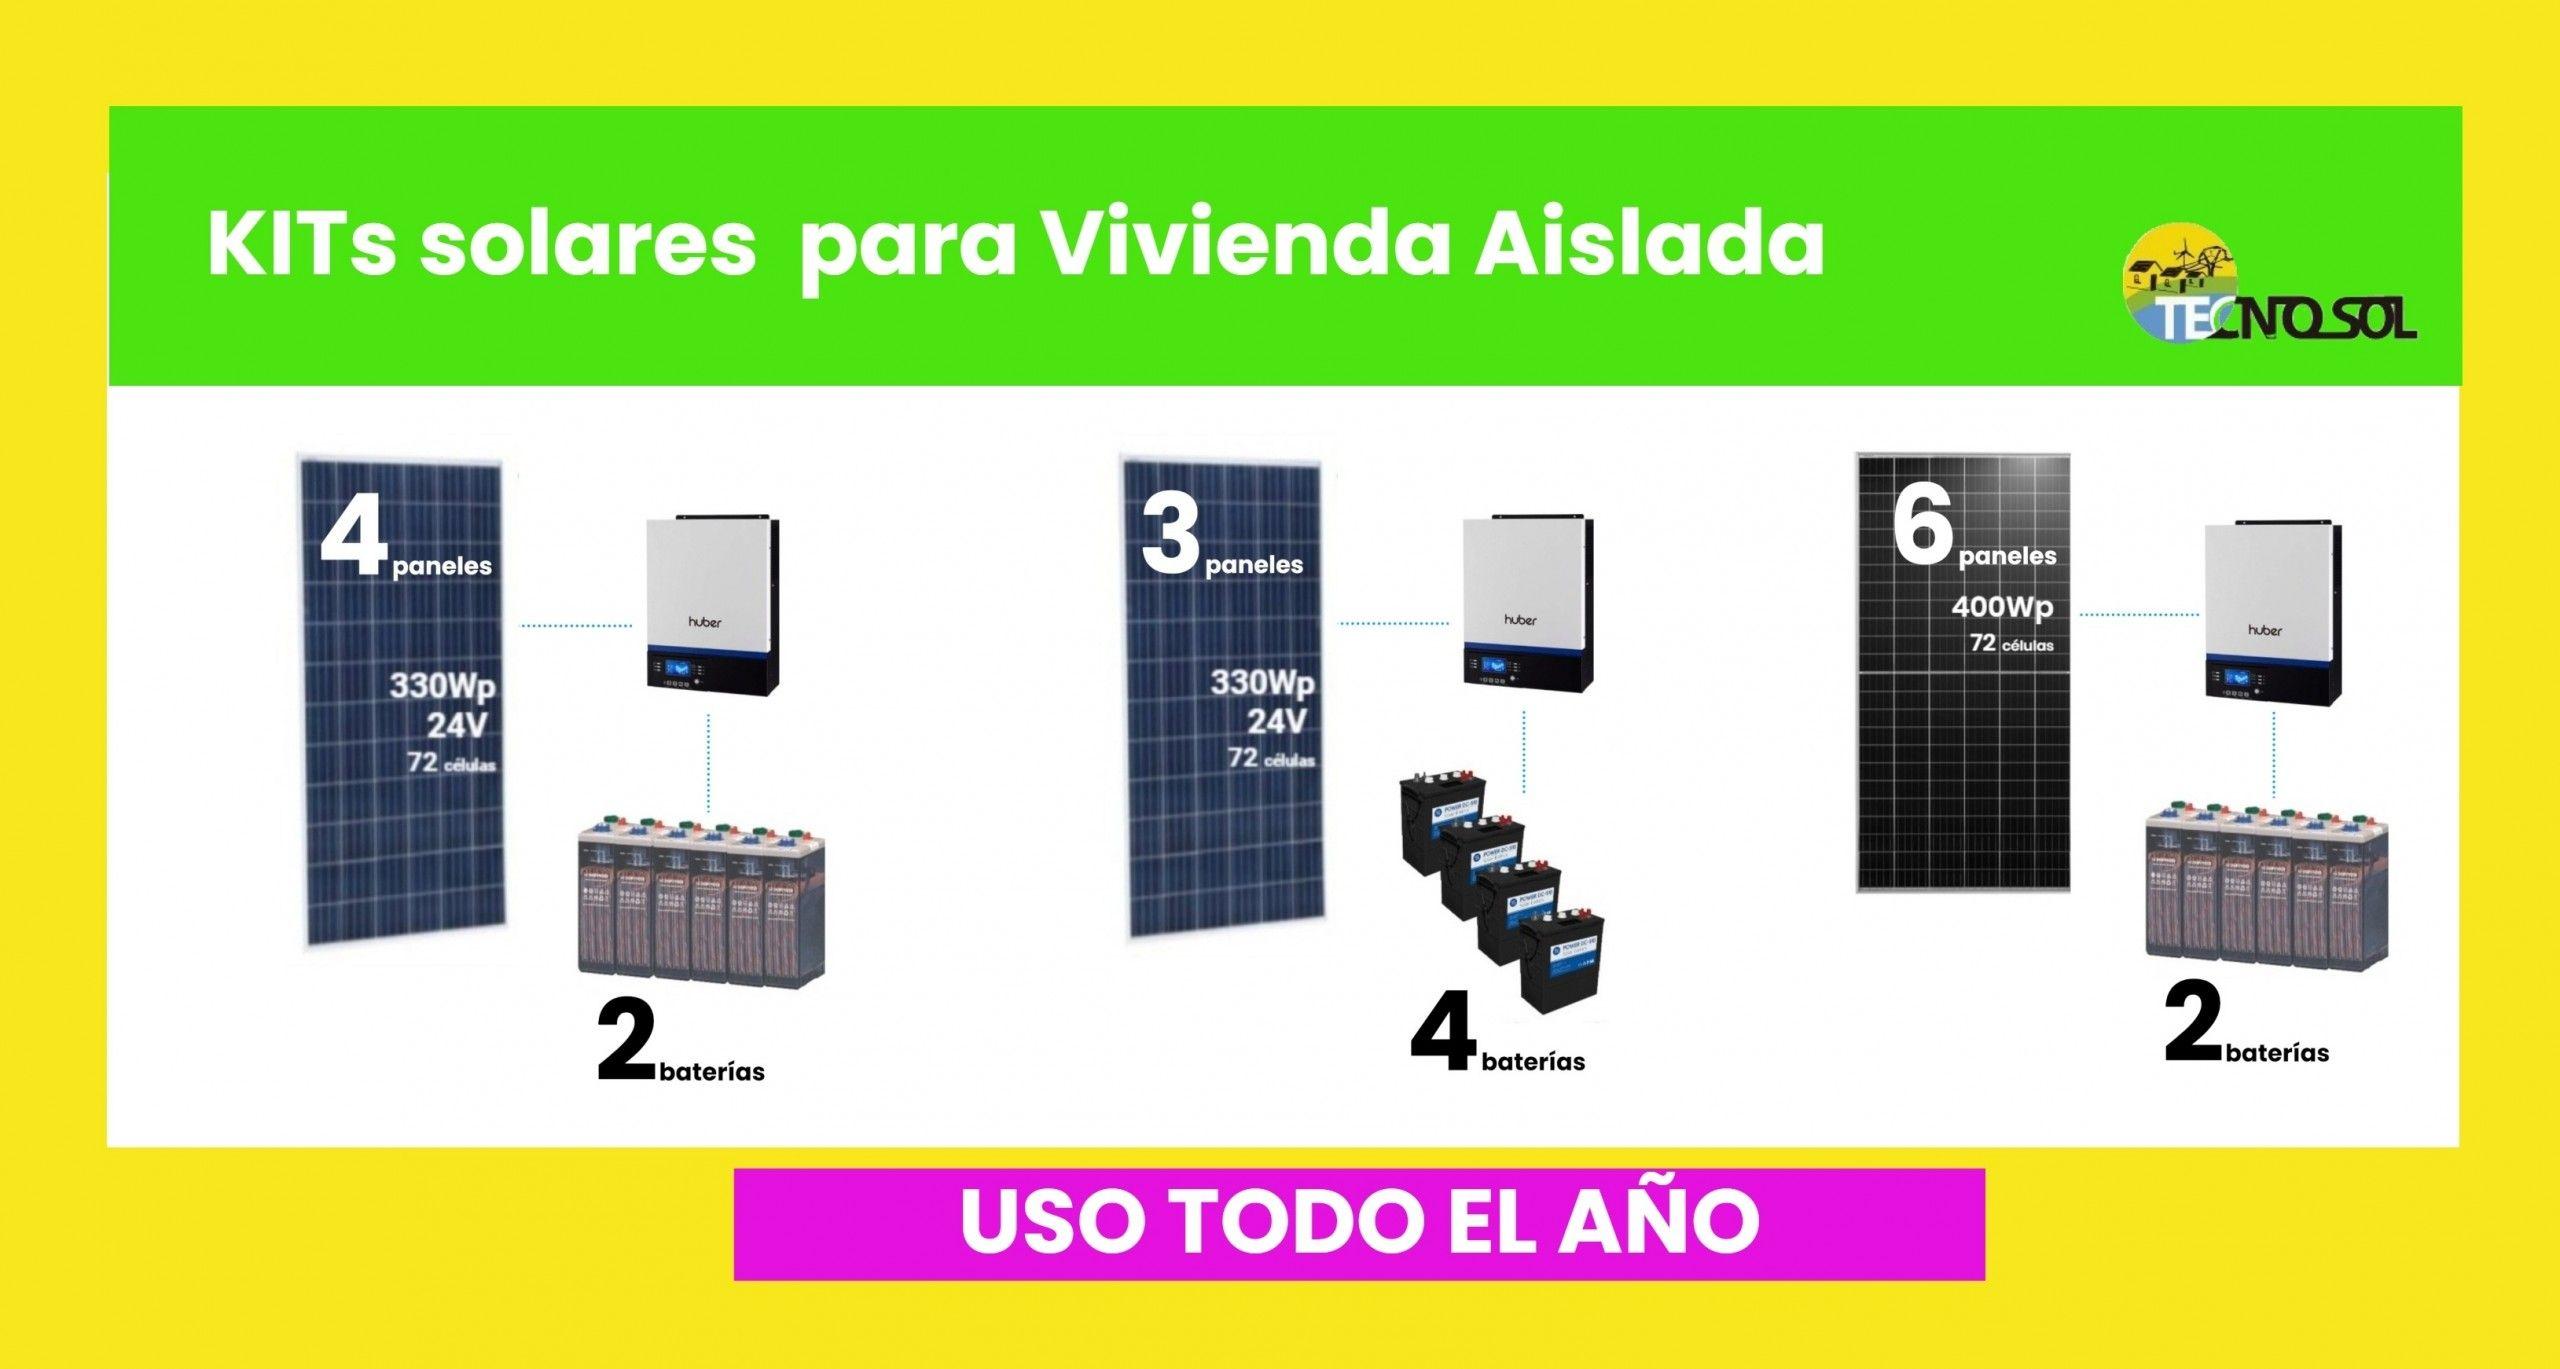 nuevos kits solares para vivienda aislada de uso todo el año - tecnosol albacete